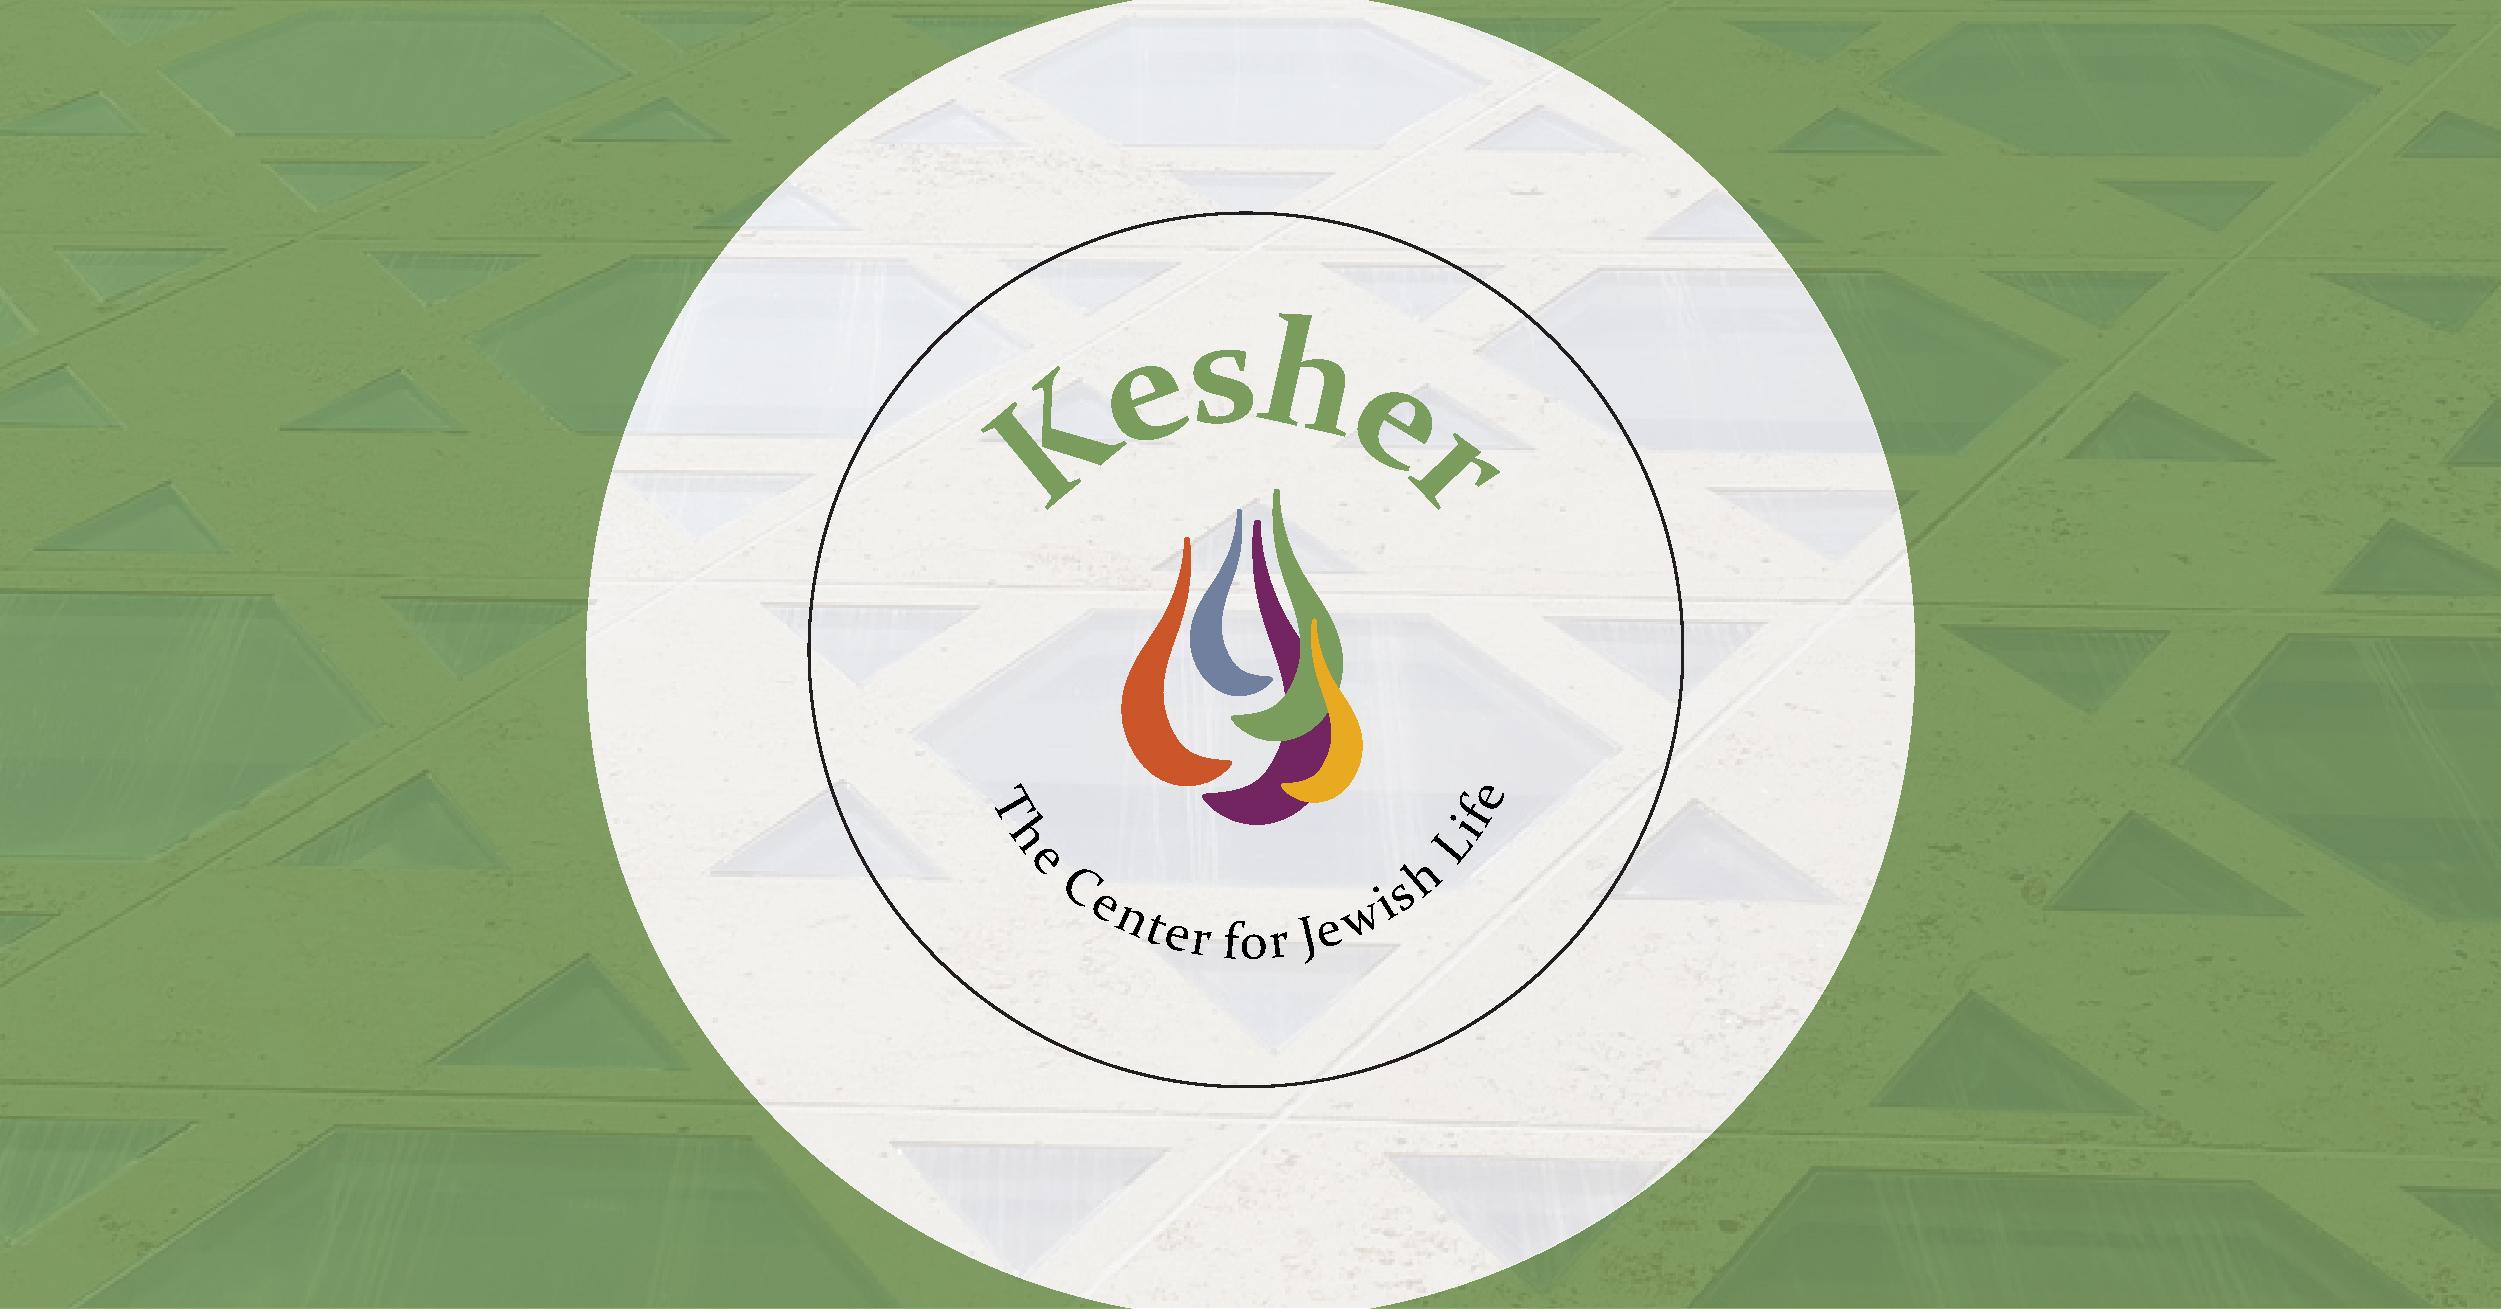 kesher logo social a